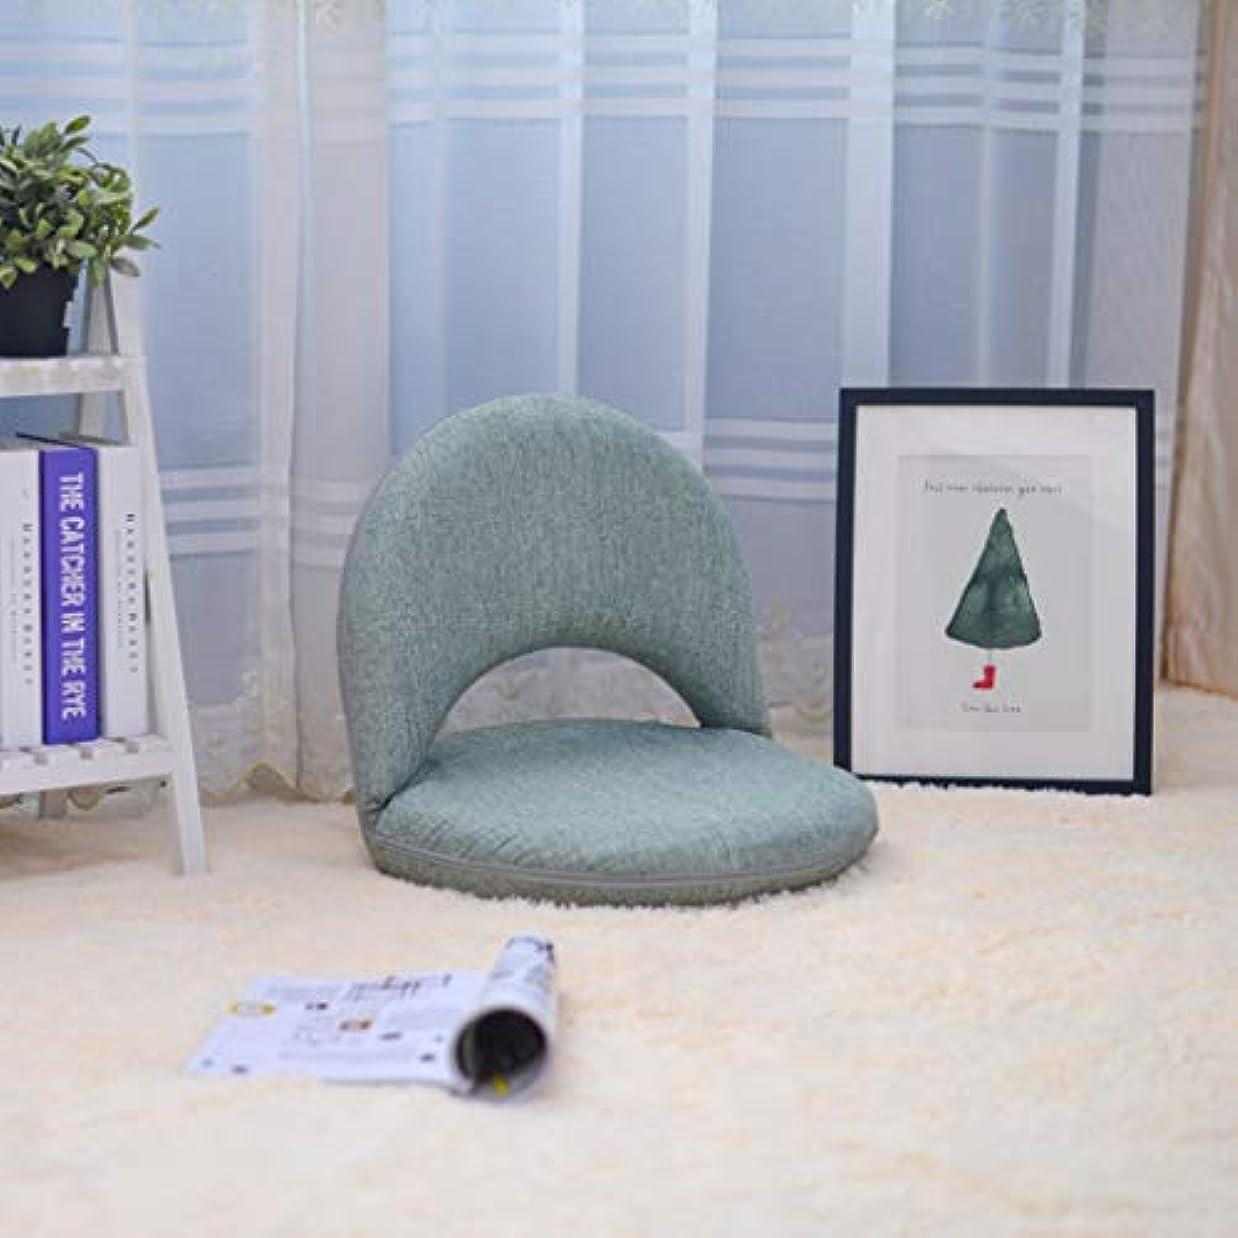 おめでとうライラック禁じる瞑想、セミナー、読書、テレビ鑑賞用の調節可能な背もたれ付きリビングルーム用家具レジャーチェア付きパッド入りフロアチェア (色 : Green)